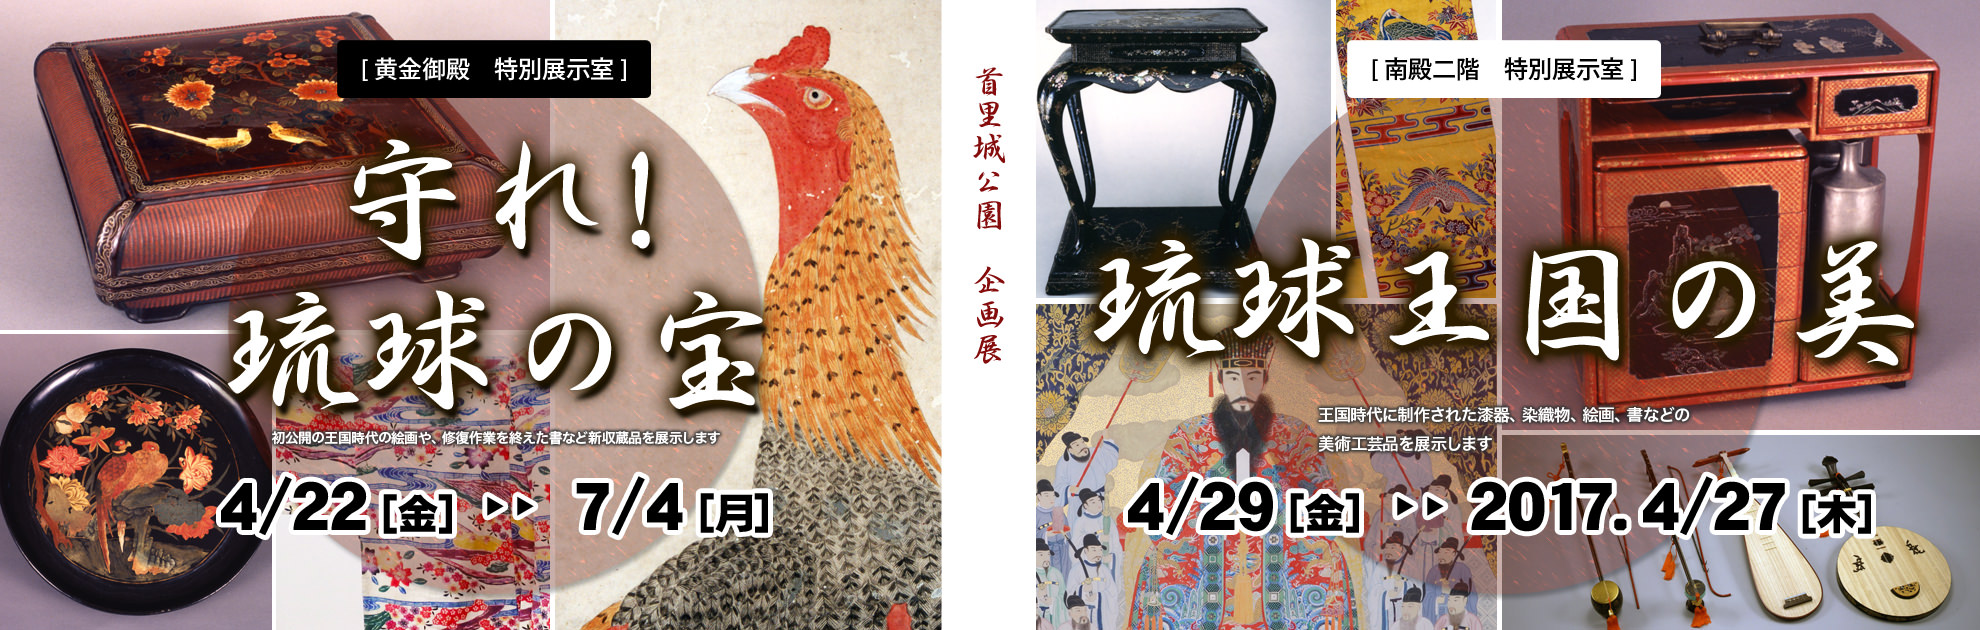 Shurijo Castle Park plan exhibition